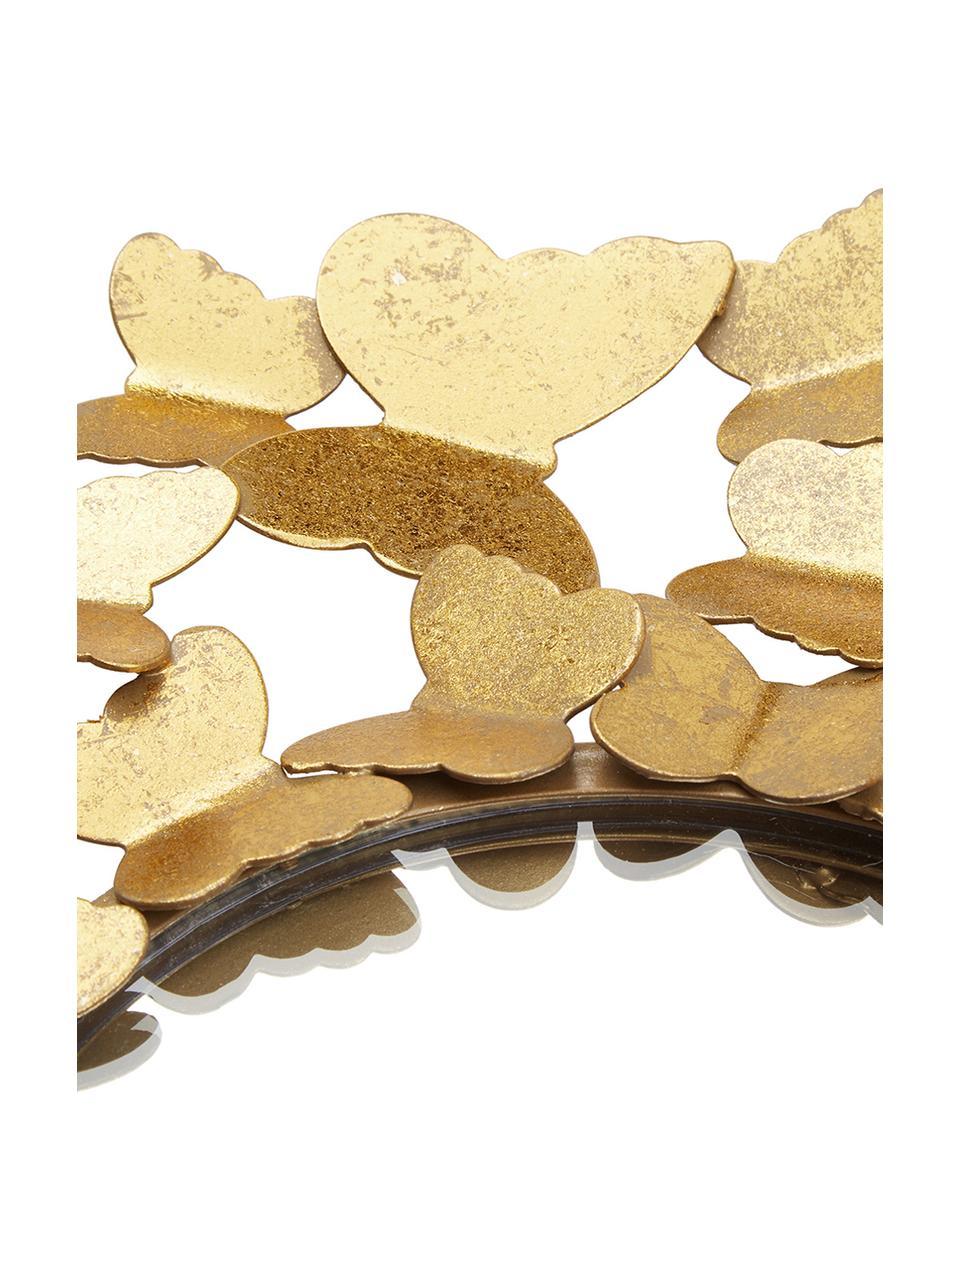 Specchio da parete con cornice in metallo dorato Butterfly, Cornice: metallo, Superficie dello specchio: lastra di vetro, Dorato, Ø 67 cm x Prof. 4 cm